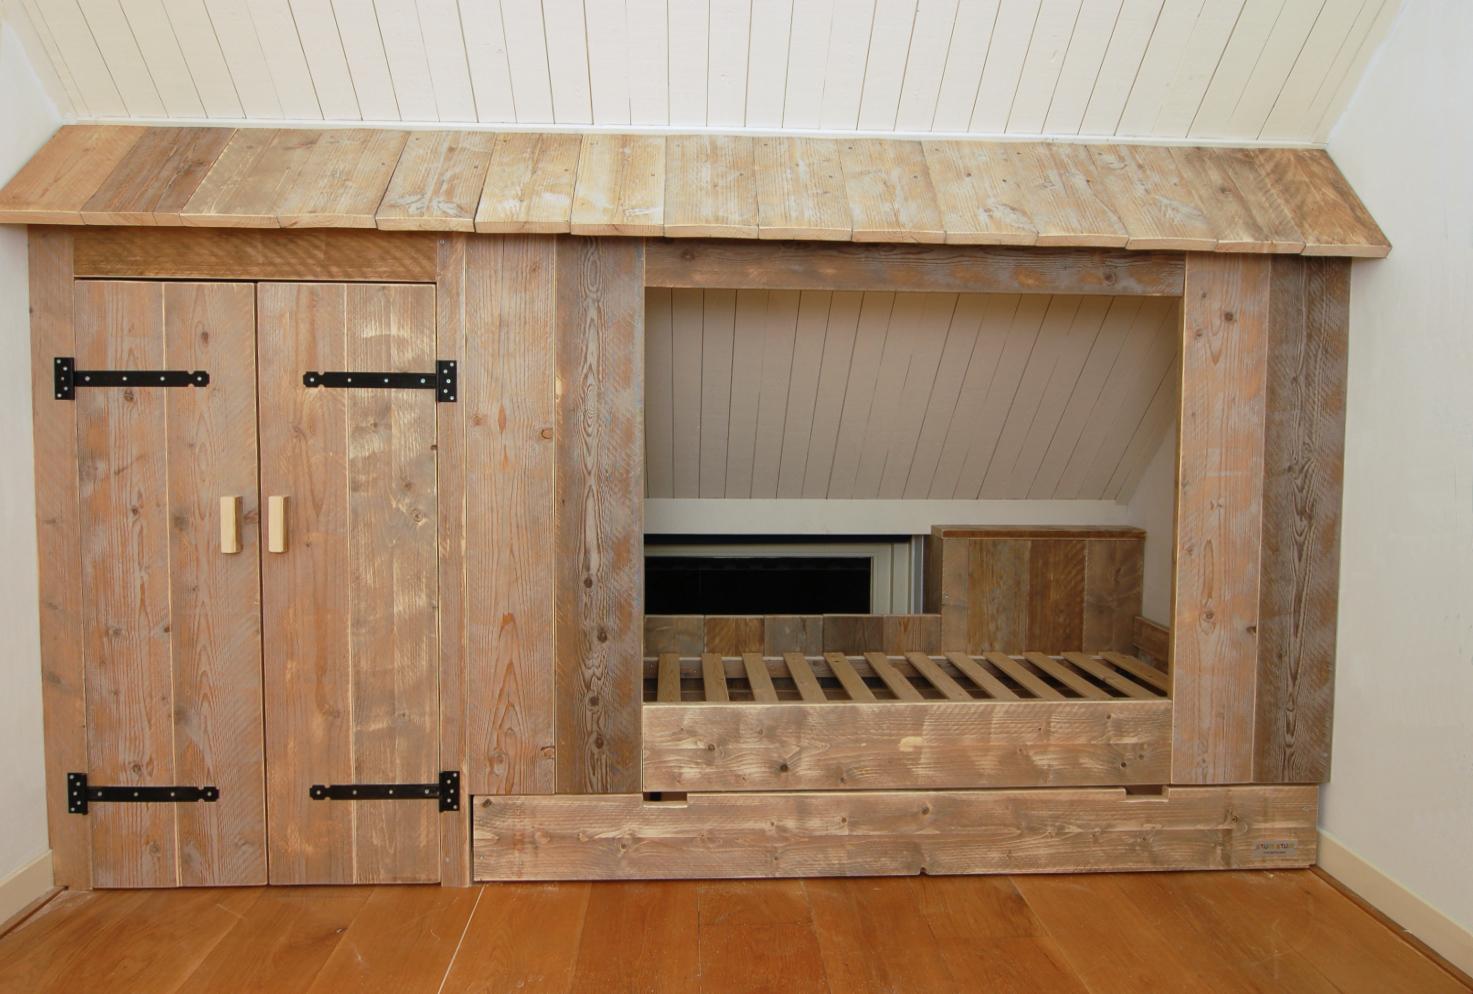 Inbouw Bedstee Avontuur In Elke Kinderkamer Mura Mura